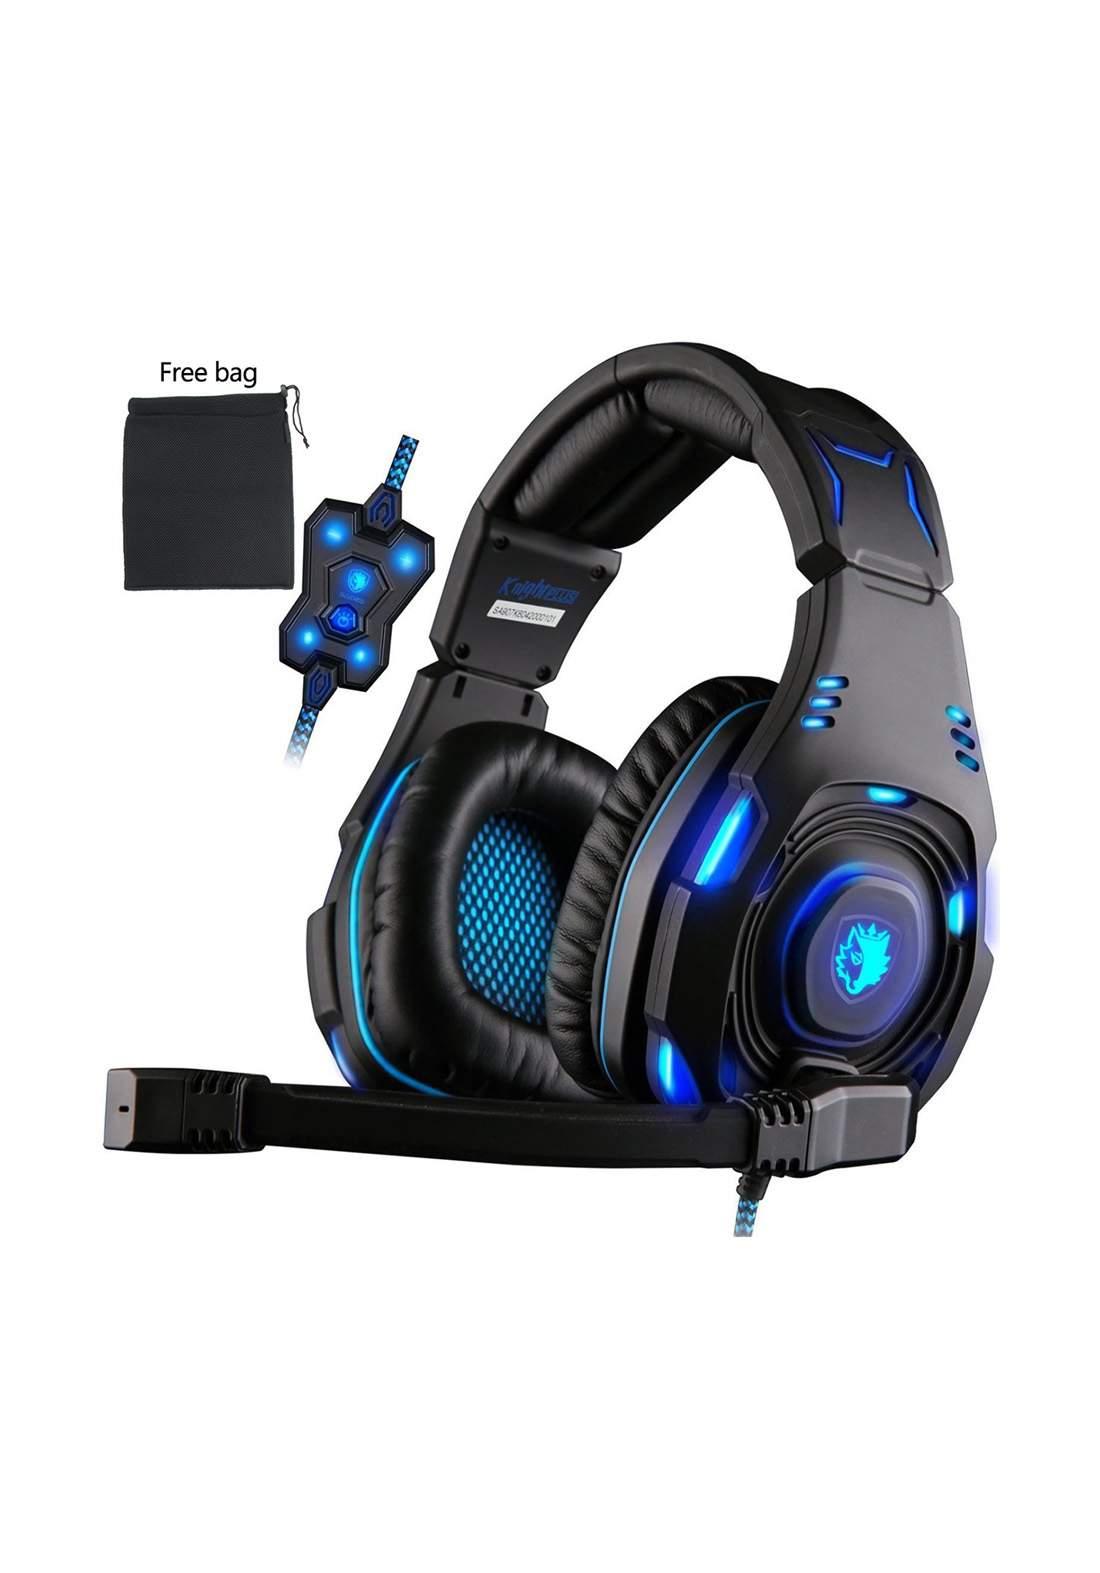 Sades SA-907 Gaming Headphone - Black سماعة